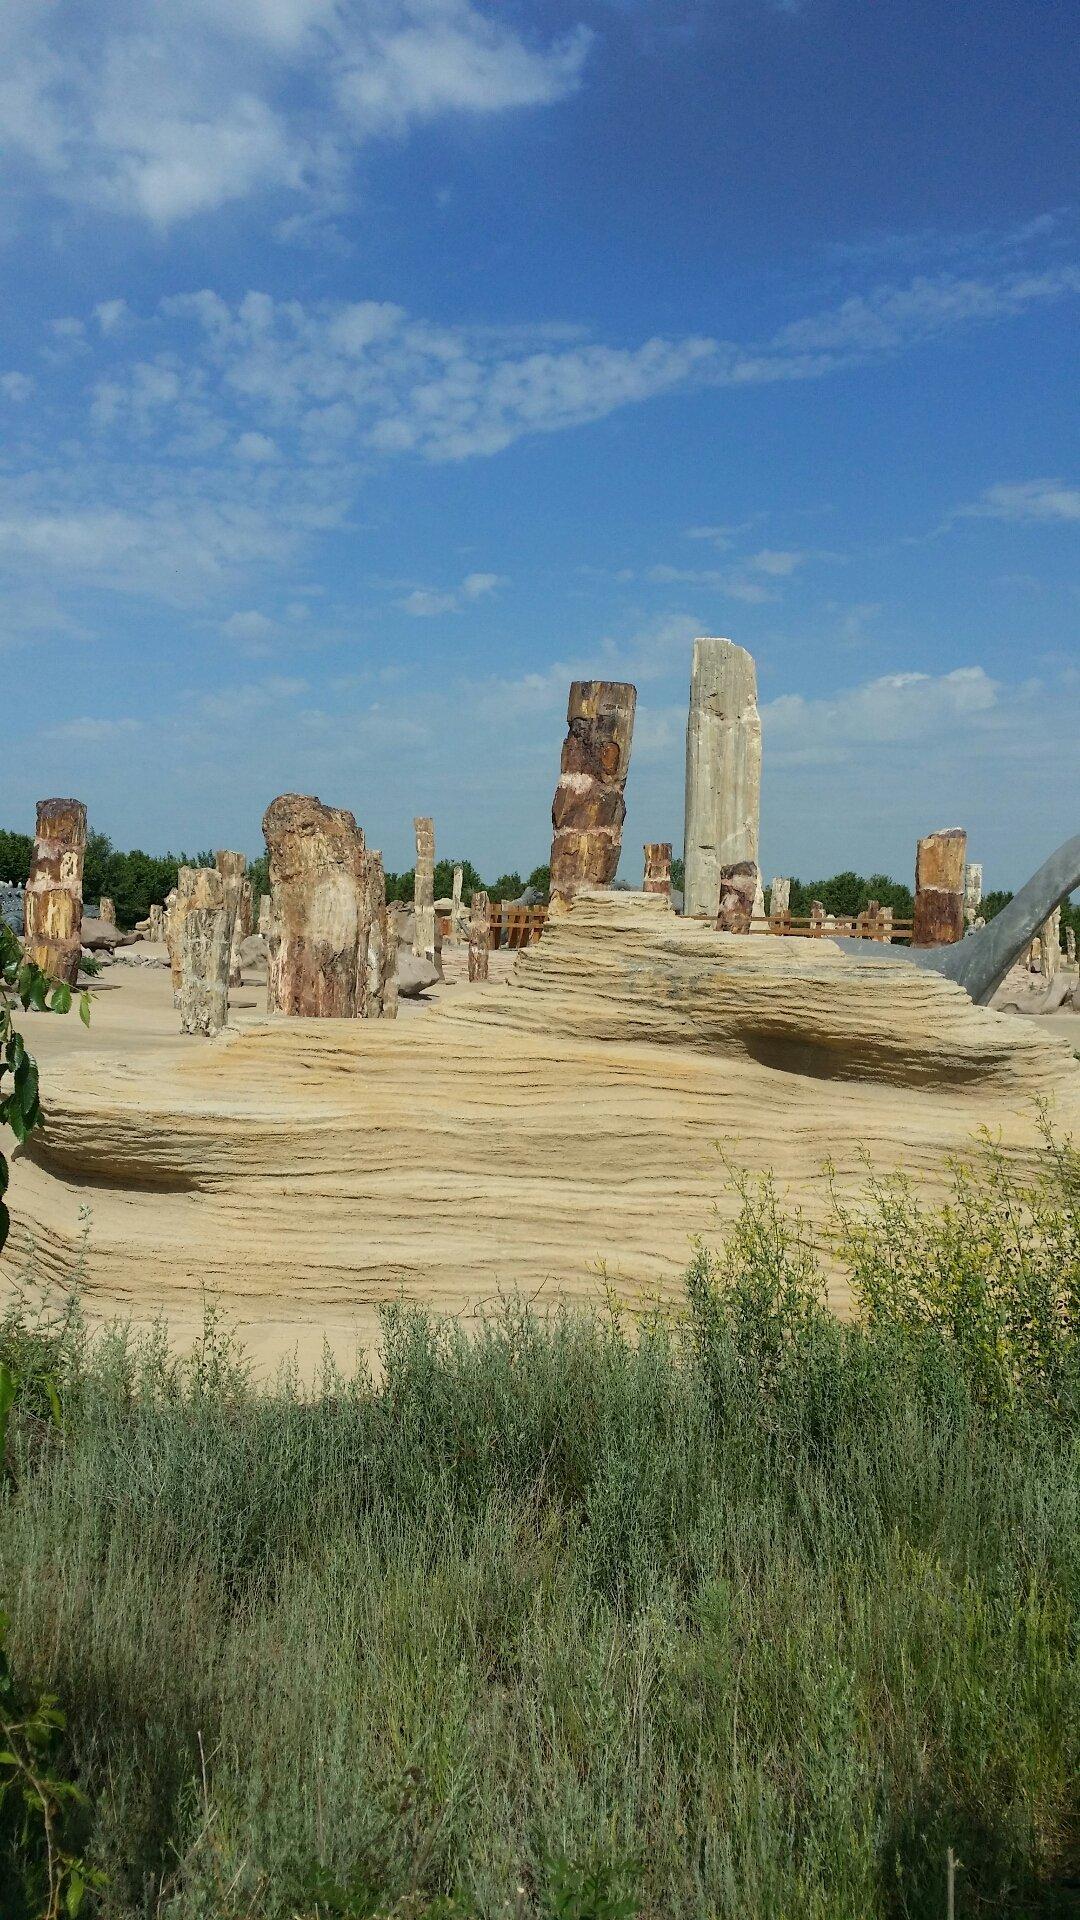 新疆维吾尔自治区乌鲁木齐市沙依巴克区苜蓿沟南路靠近九龙生态园合发石材厂天气预报